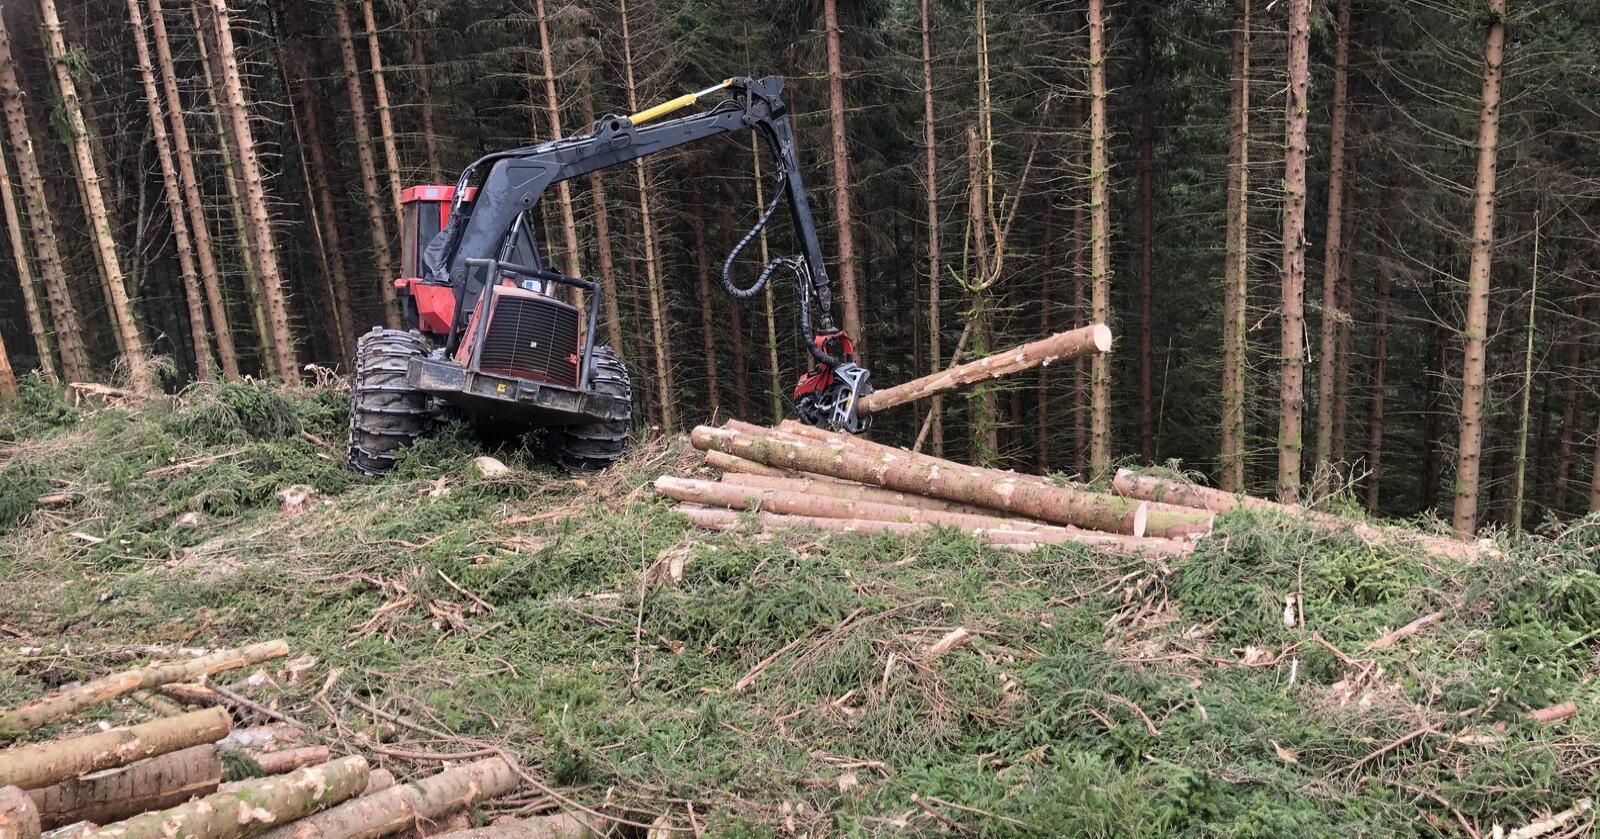 Ikkje berre lager: Skogen har flere tenester enn karbonbinding, skriv forskarane. Foto: Sveinung Håland